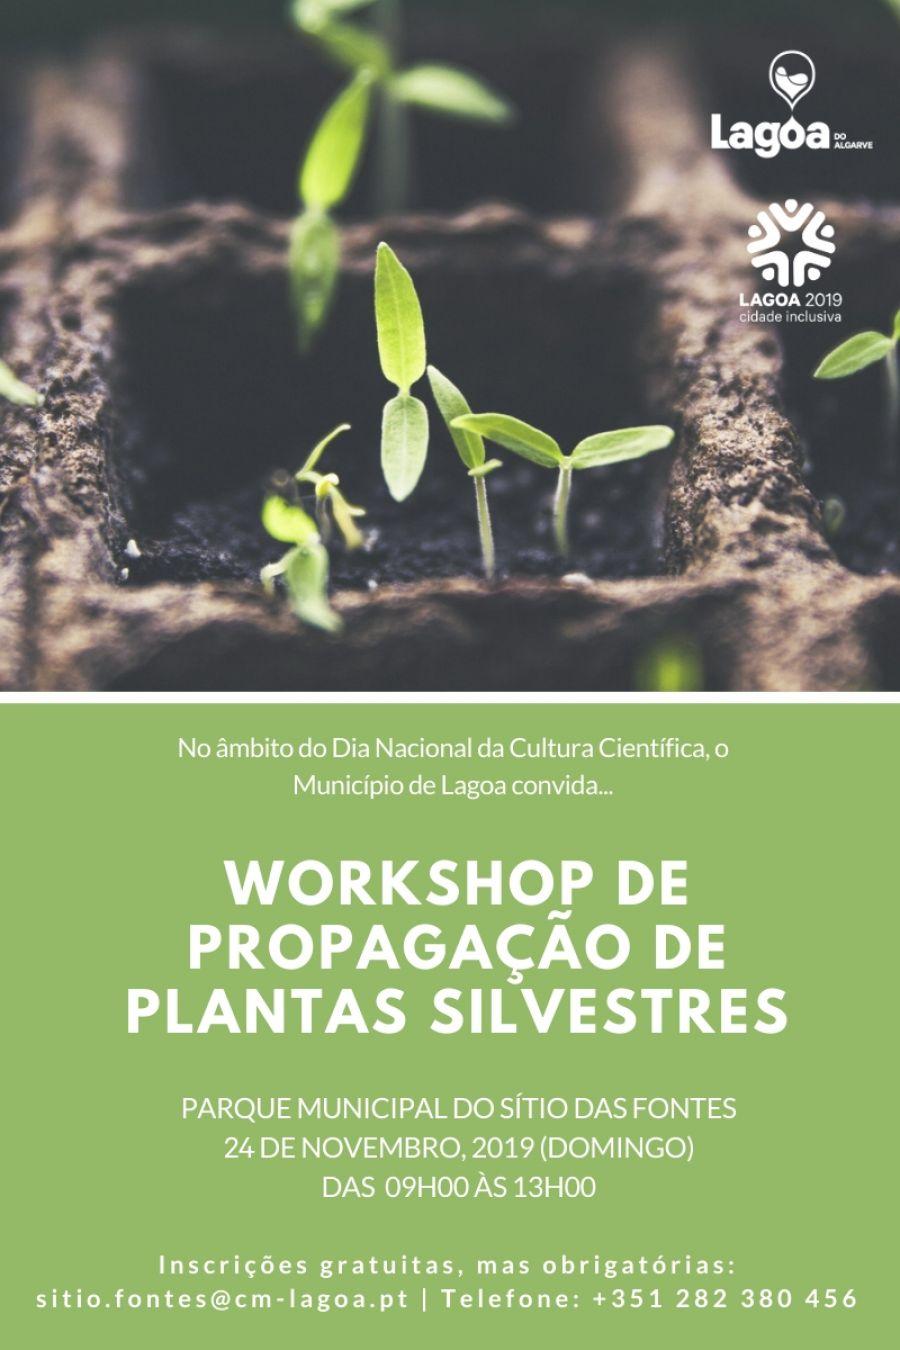 WORKSHOP DE PROPAGAÇÃO DE PLANTAS SILVESTRES (4h)